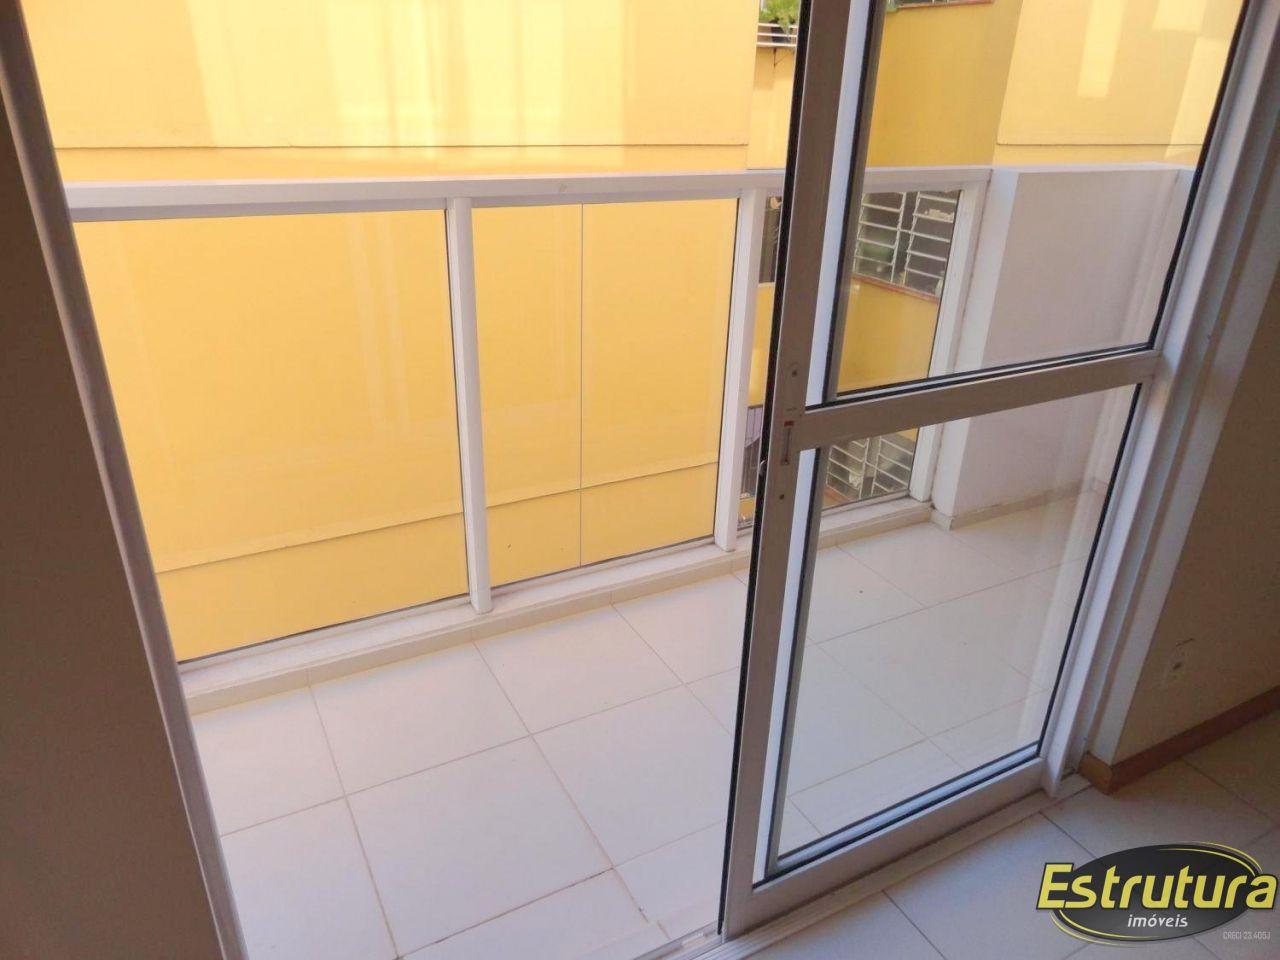 Apartamento com 3 Dormitórios à venda, 94 m² por R$ 465.000,00